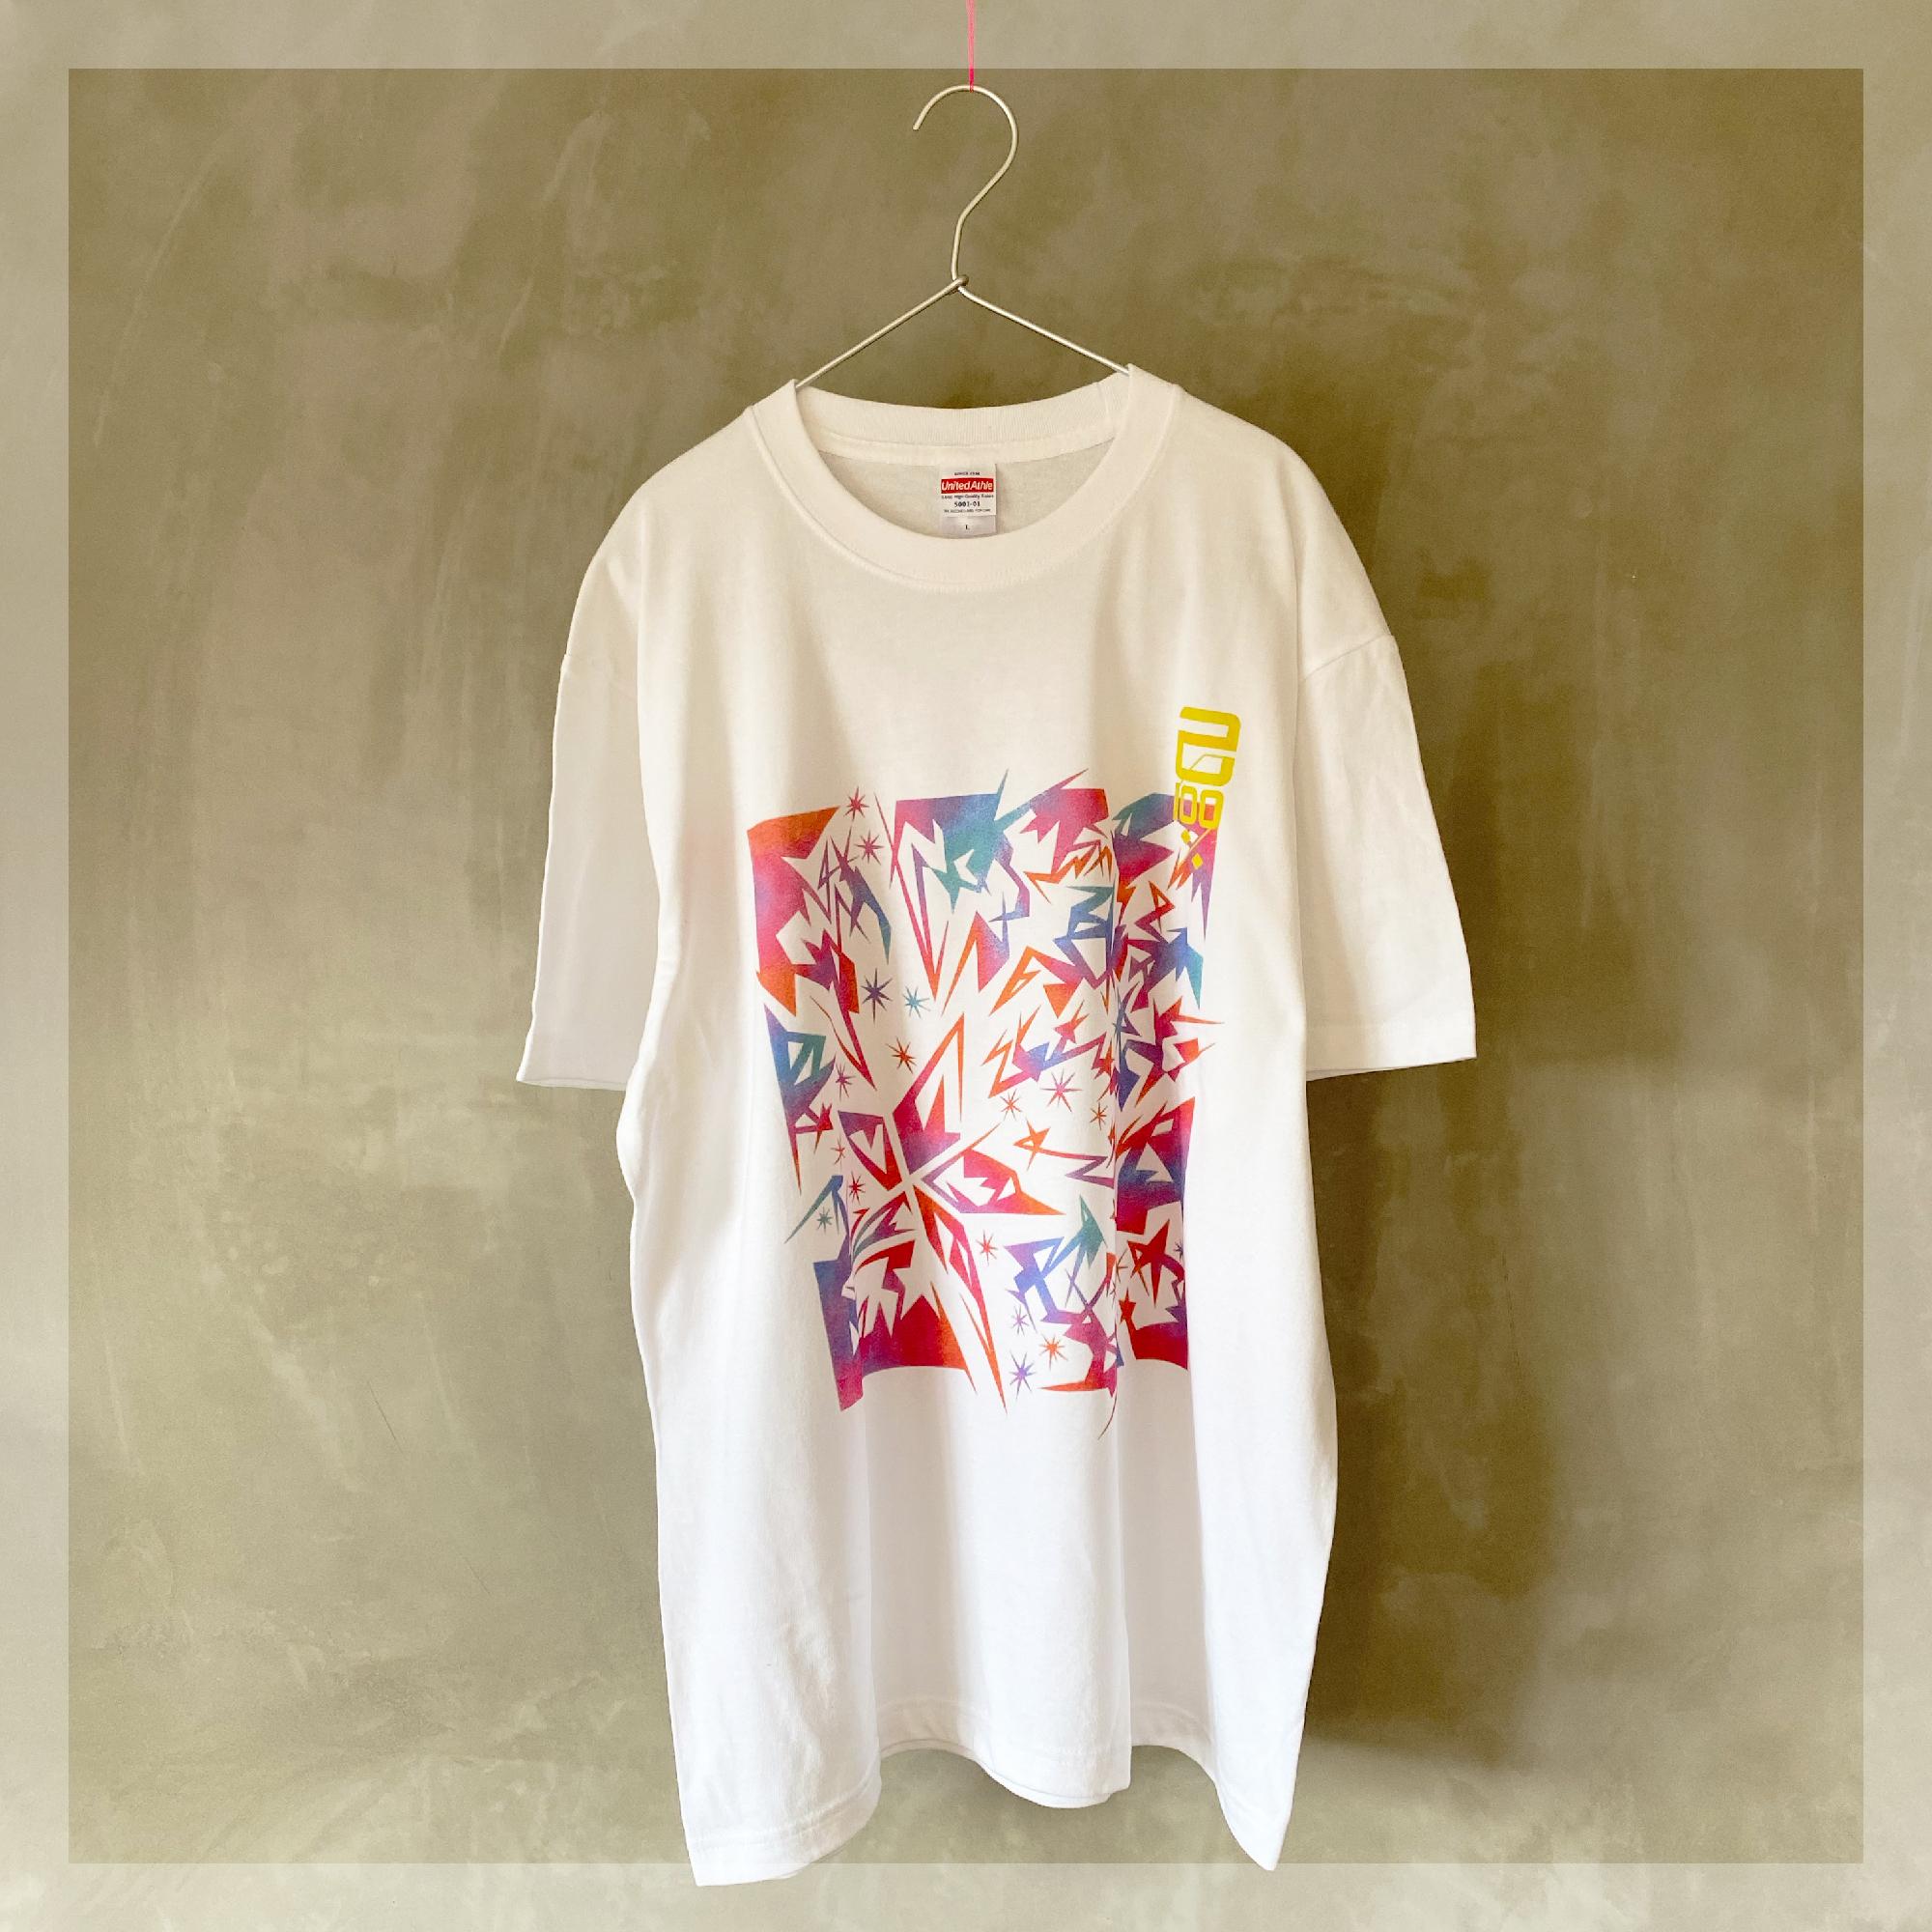 【Tシャツ】 スターダスト・カモフラージュ □ 己100% / ホワイト